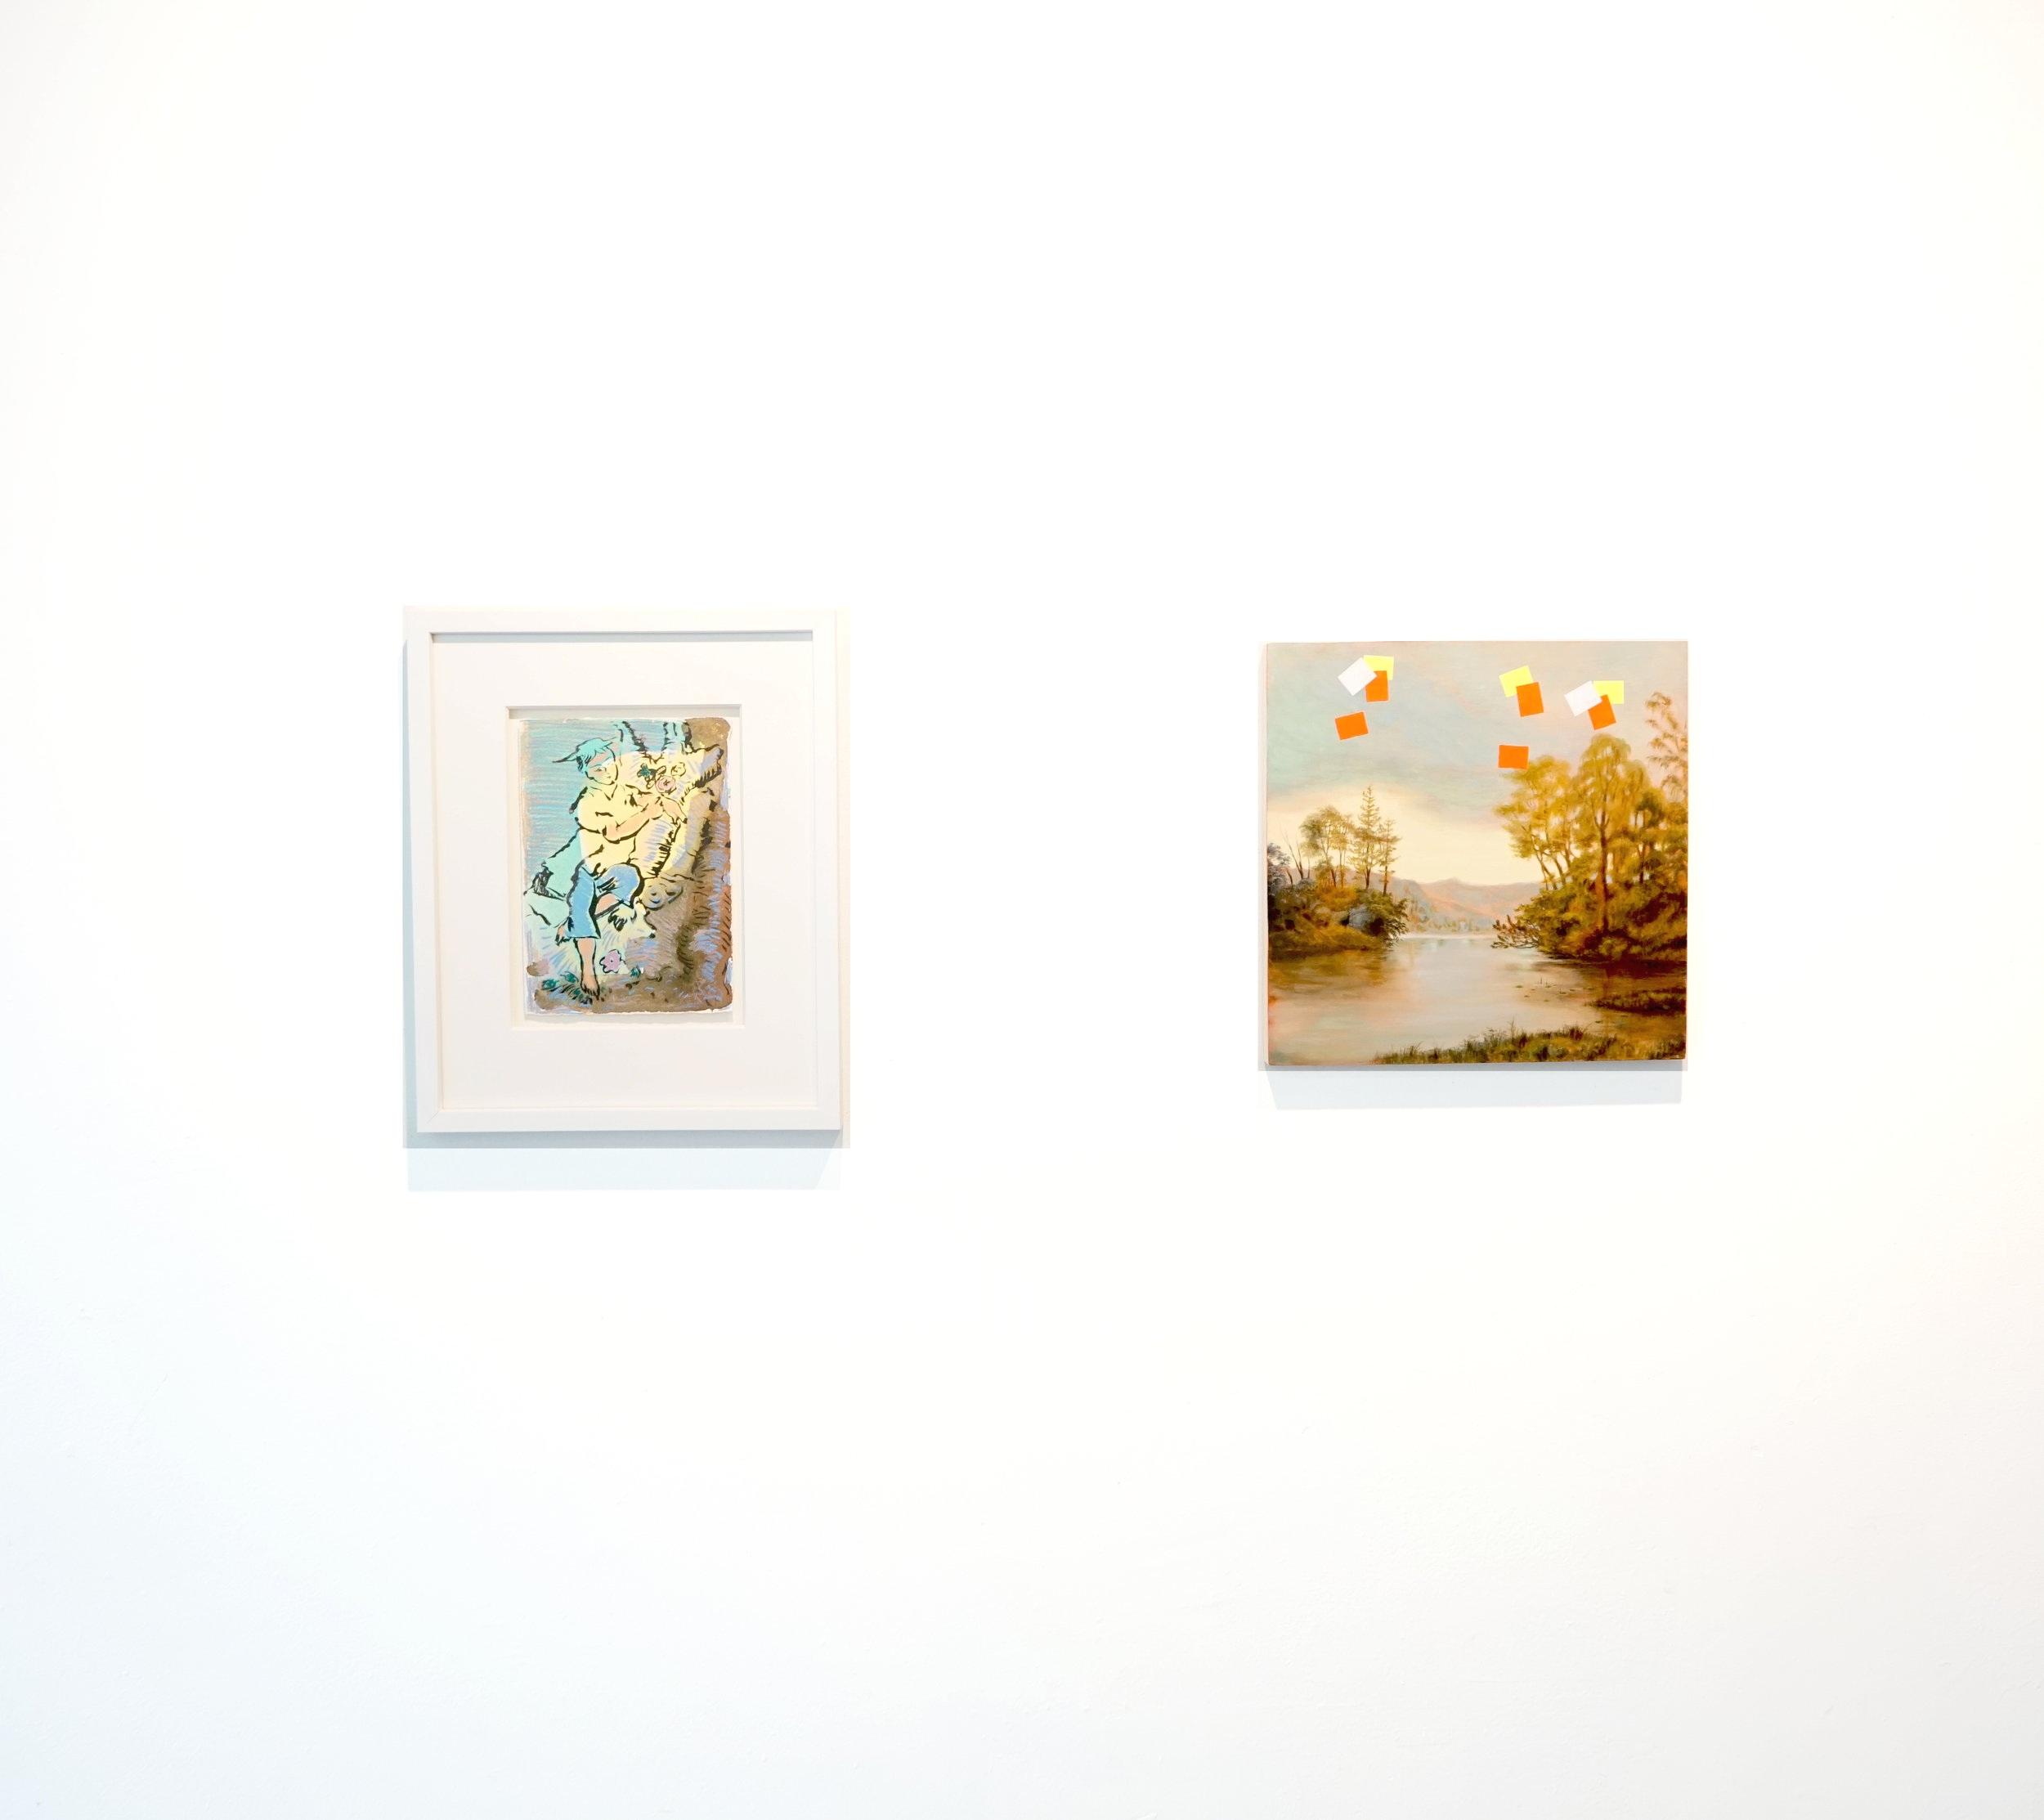 Delphine Hennelly & Kirsten Deirup